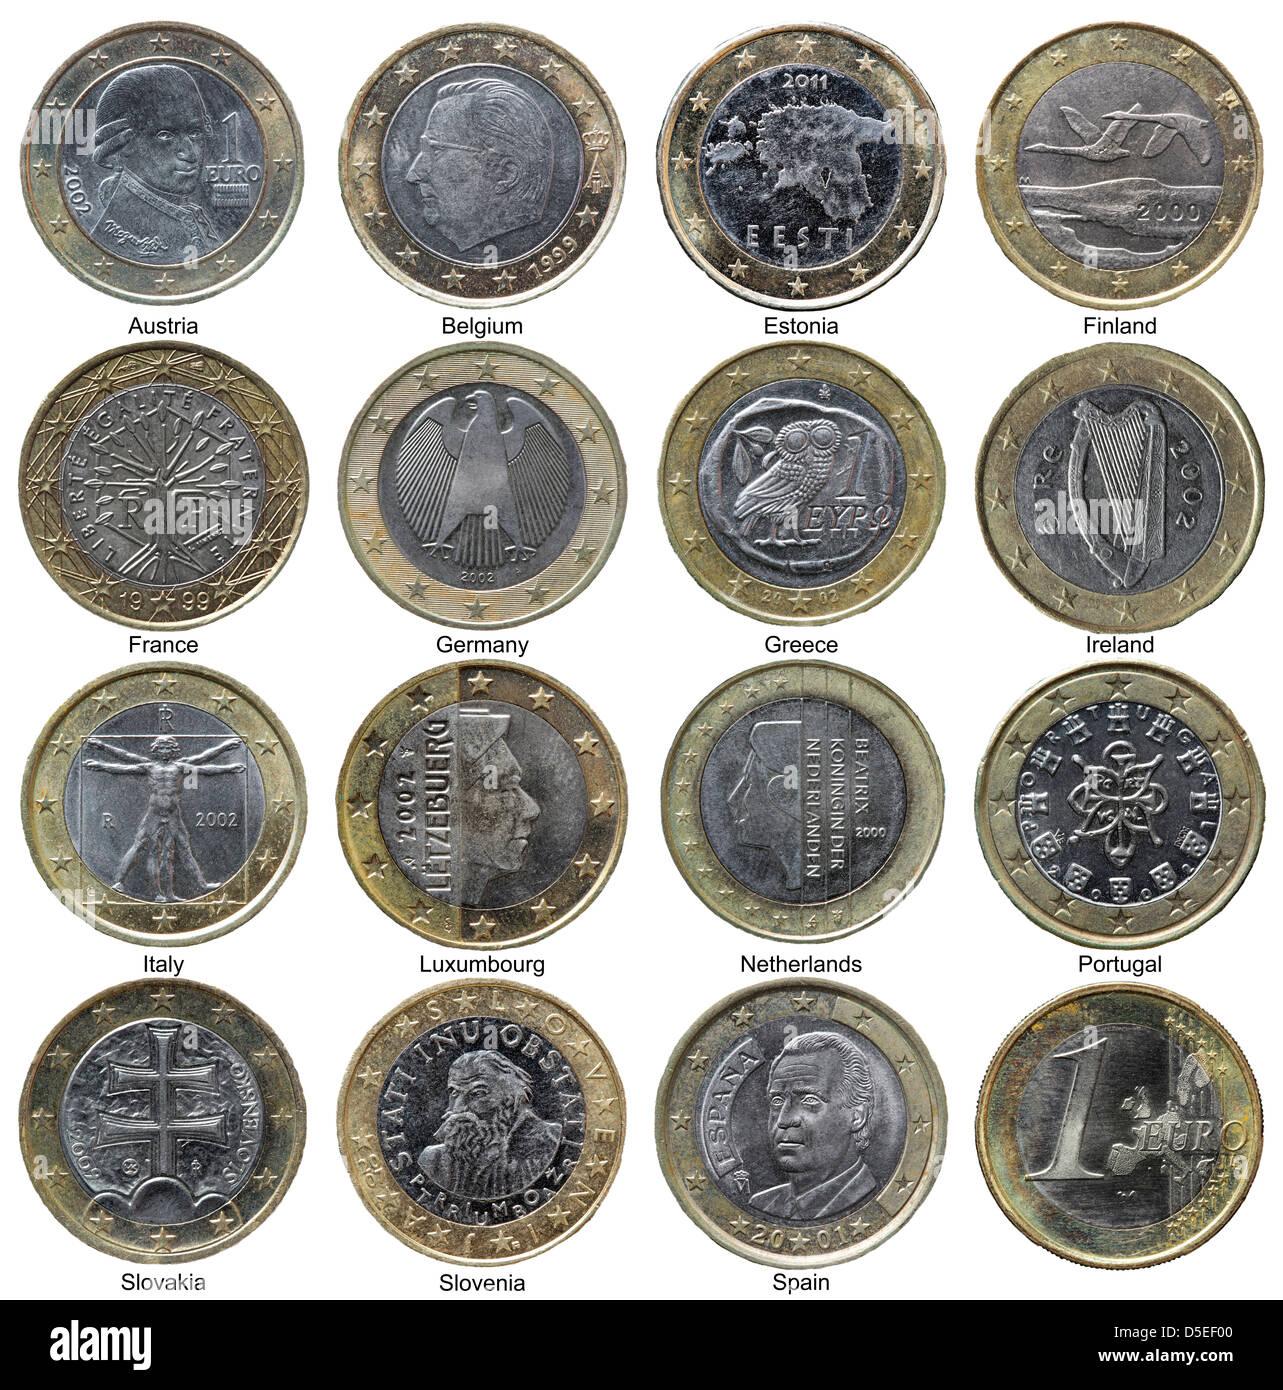 Satz Von 1 Euro Münzen Aus Verschiedenen Europäischen Ländern Auf